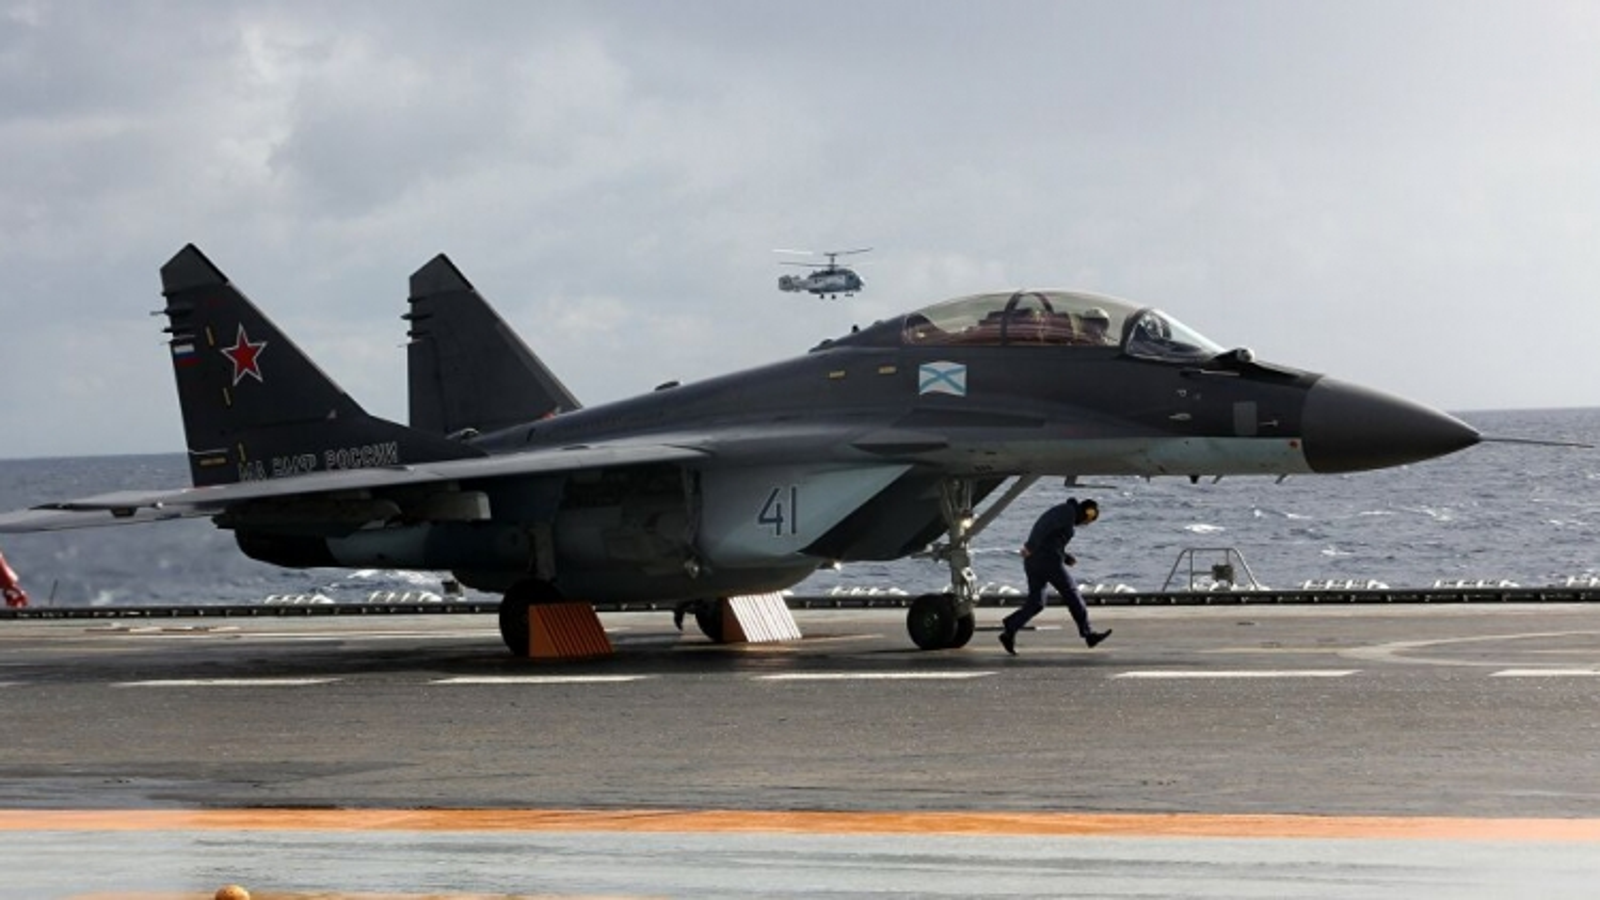 Tiêm kích MiG-29K của Ấn Độ rơi xuống biển Arab